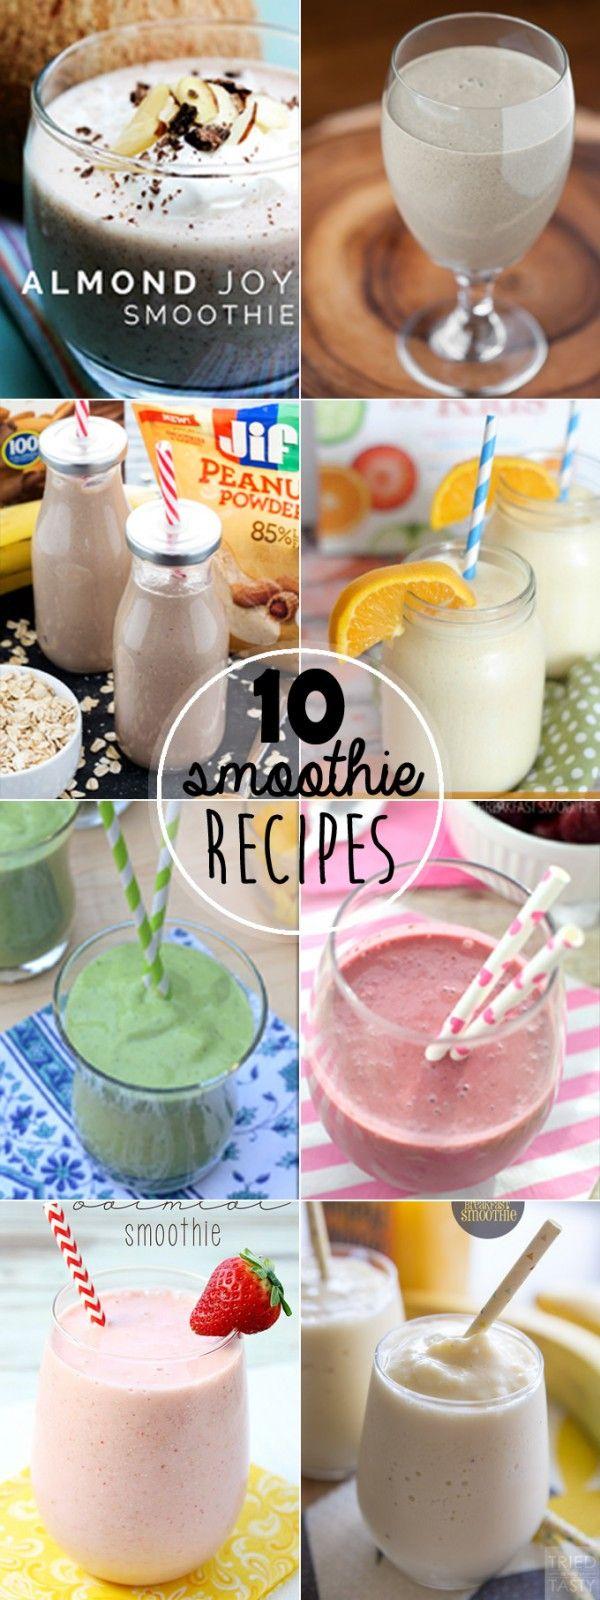 10 Smoothie Recipes